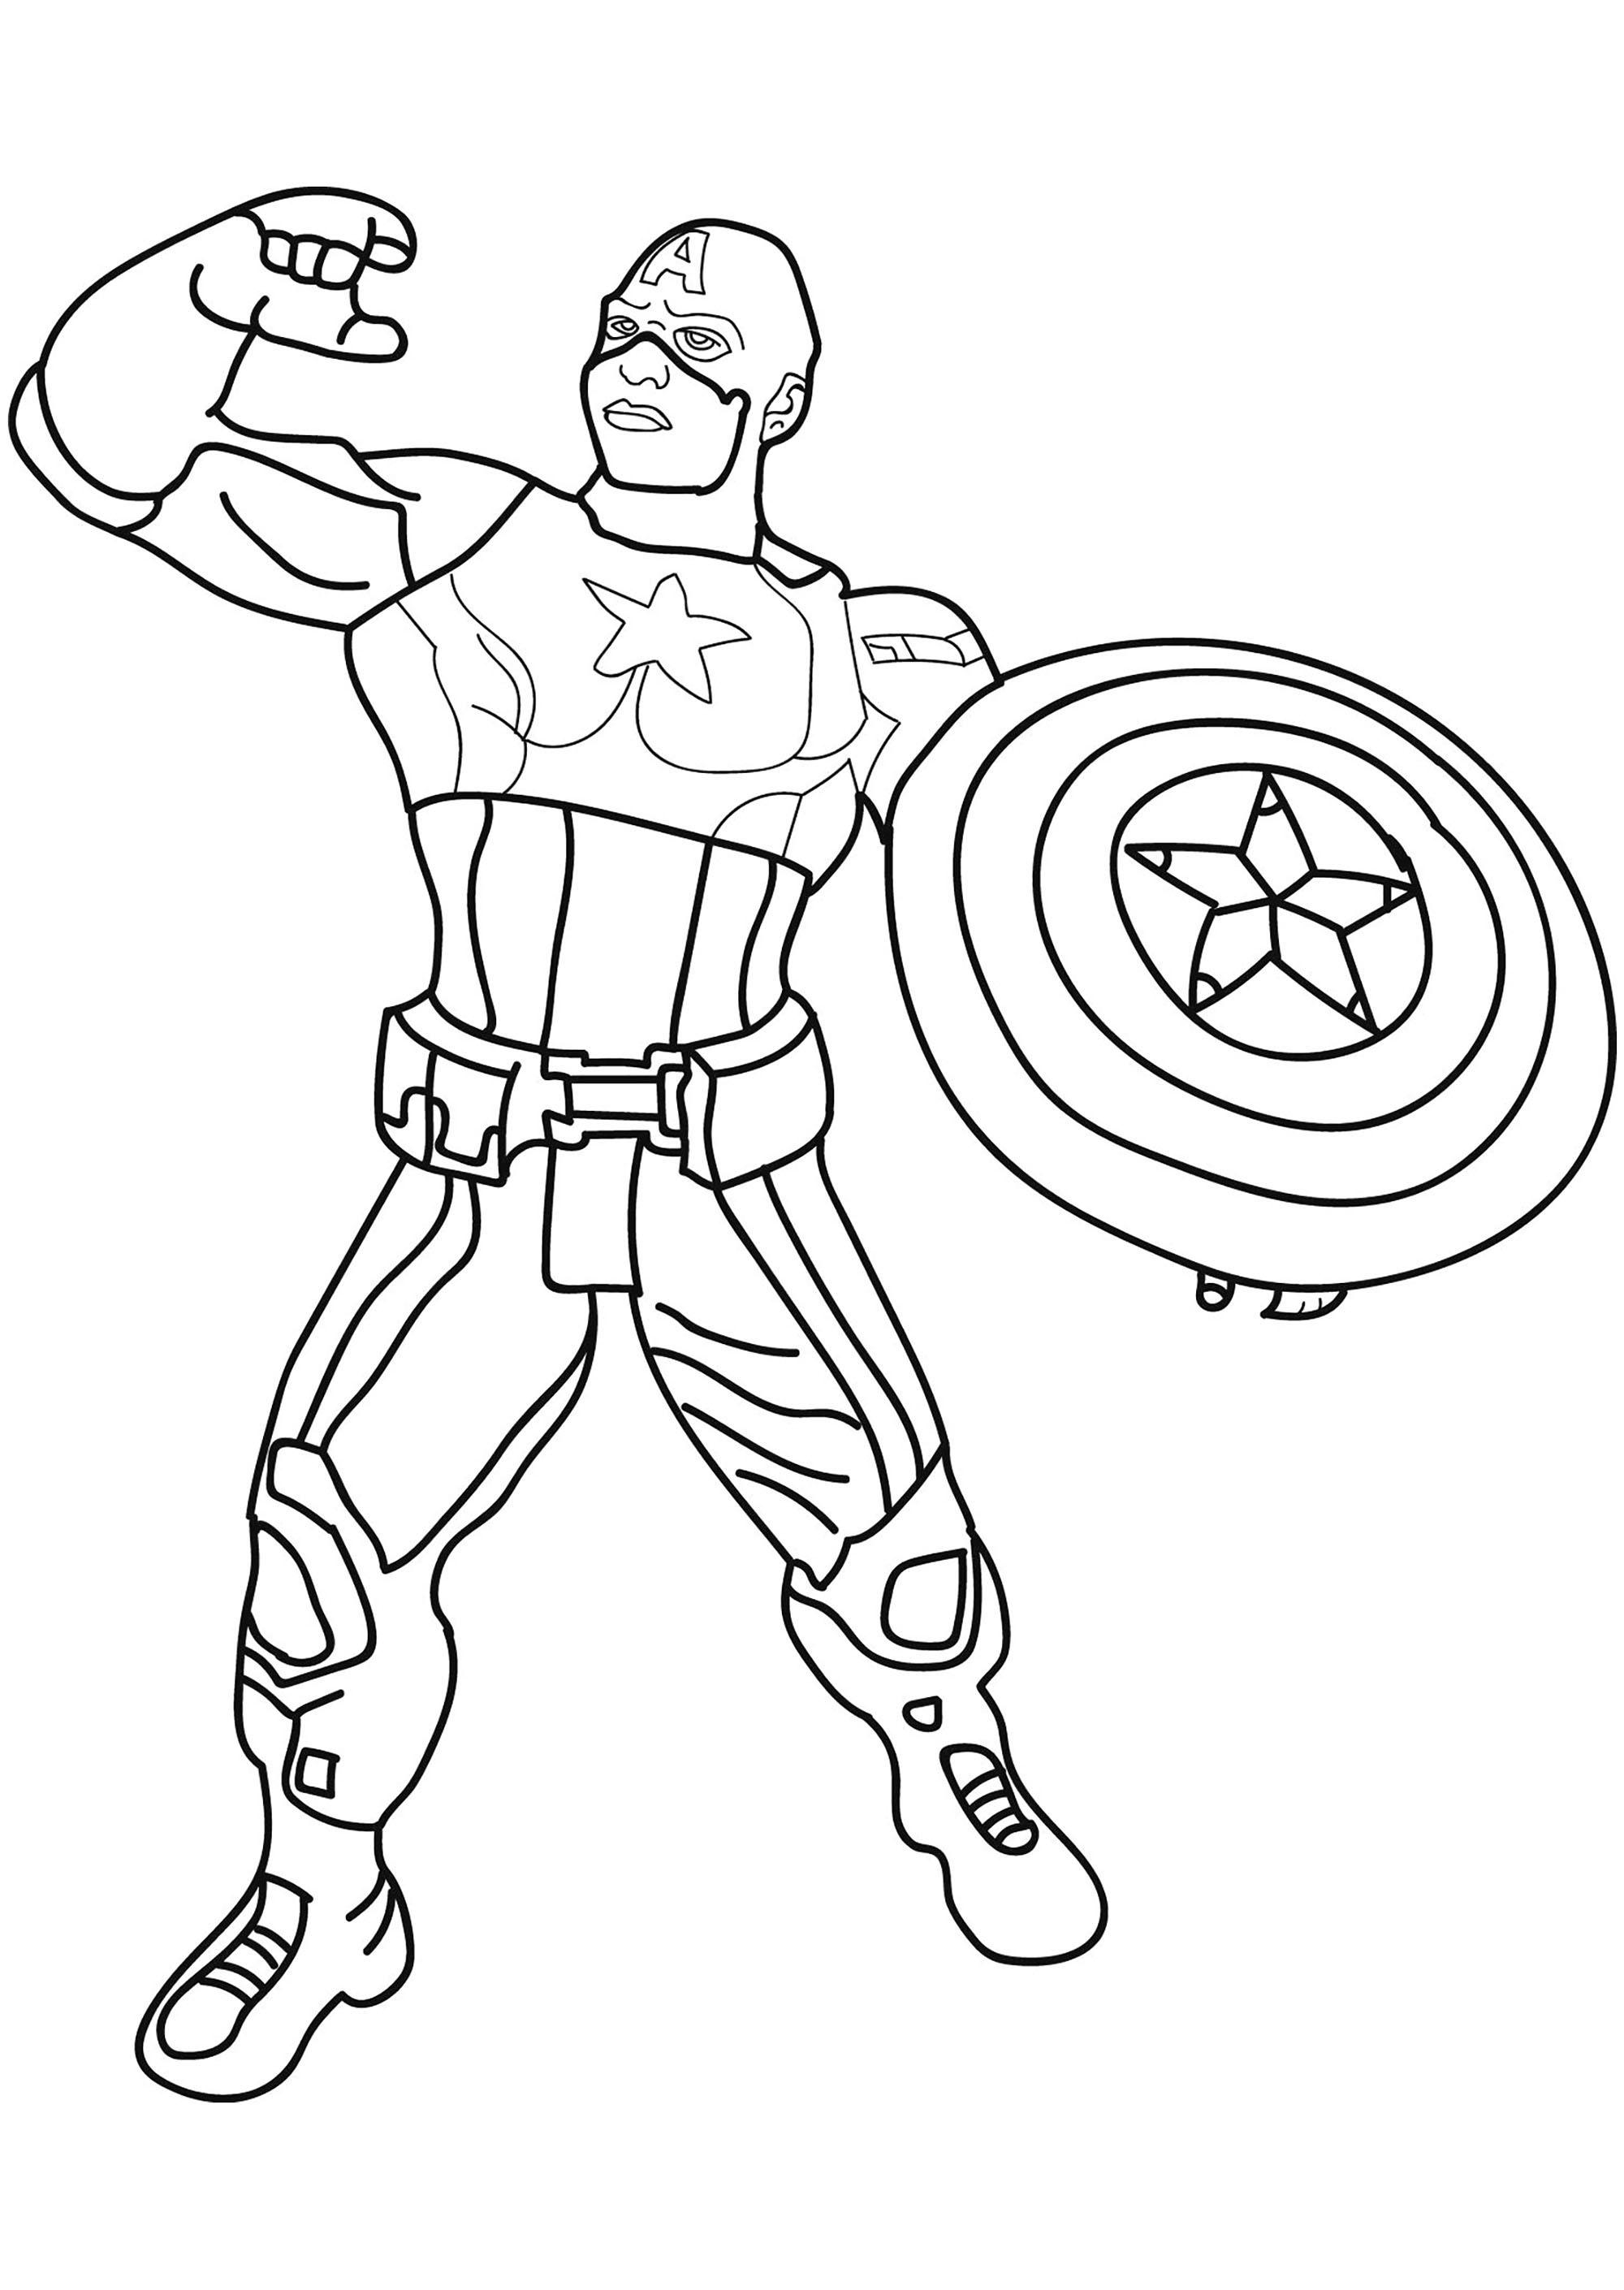 comment dessiner captain america - Les dessins et coloriage